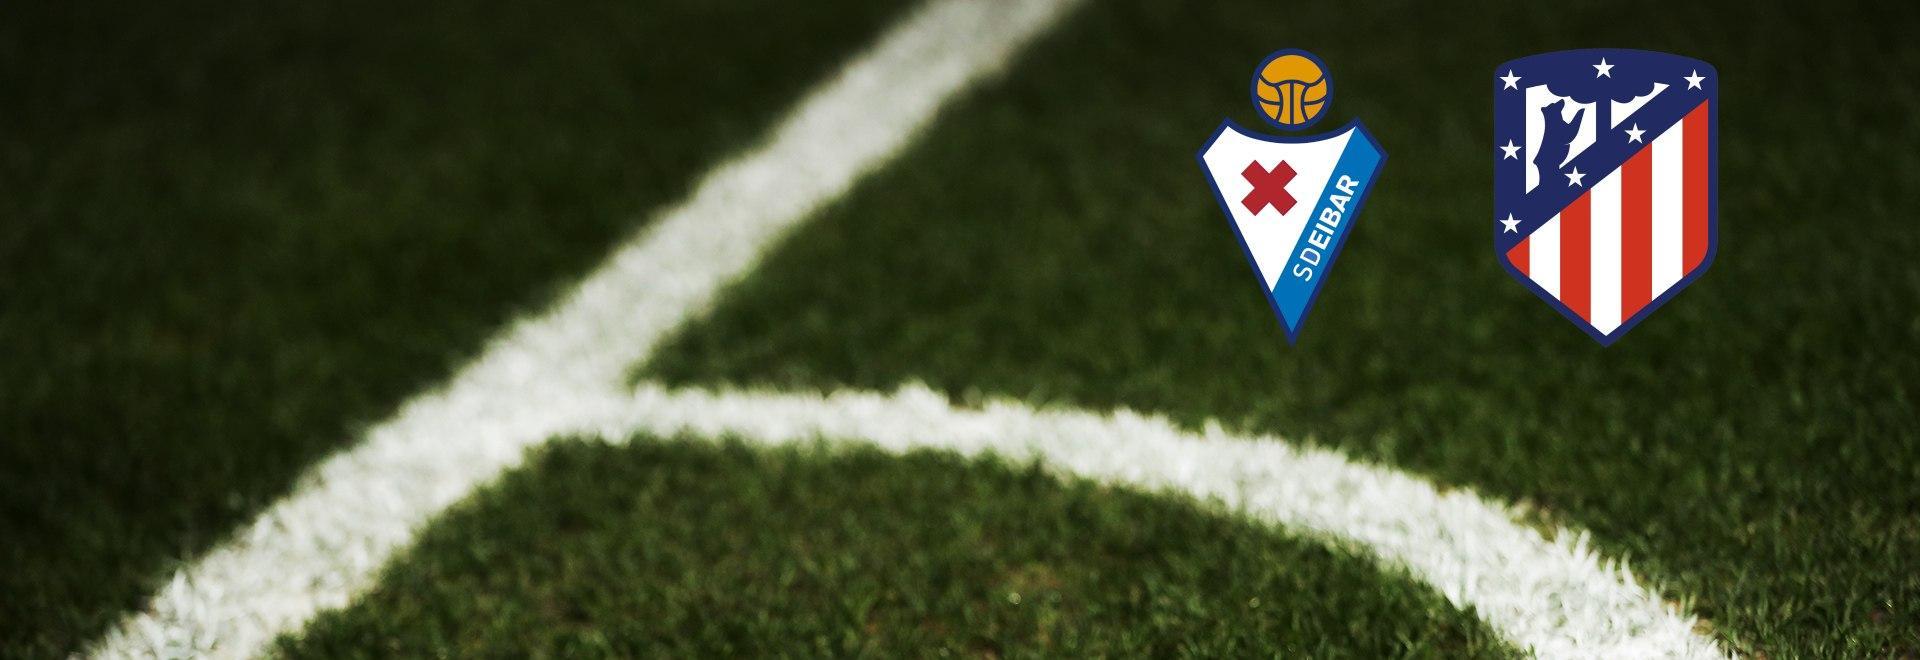 Eibar - Atletico Madrid. 19a g.